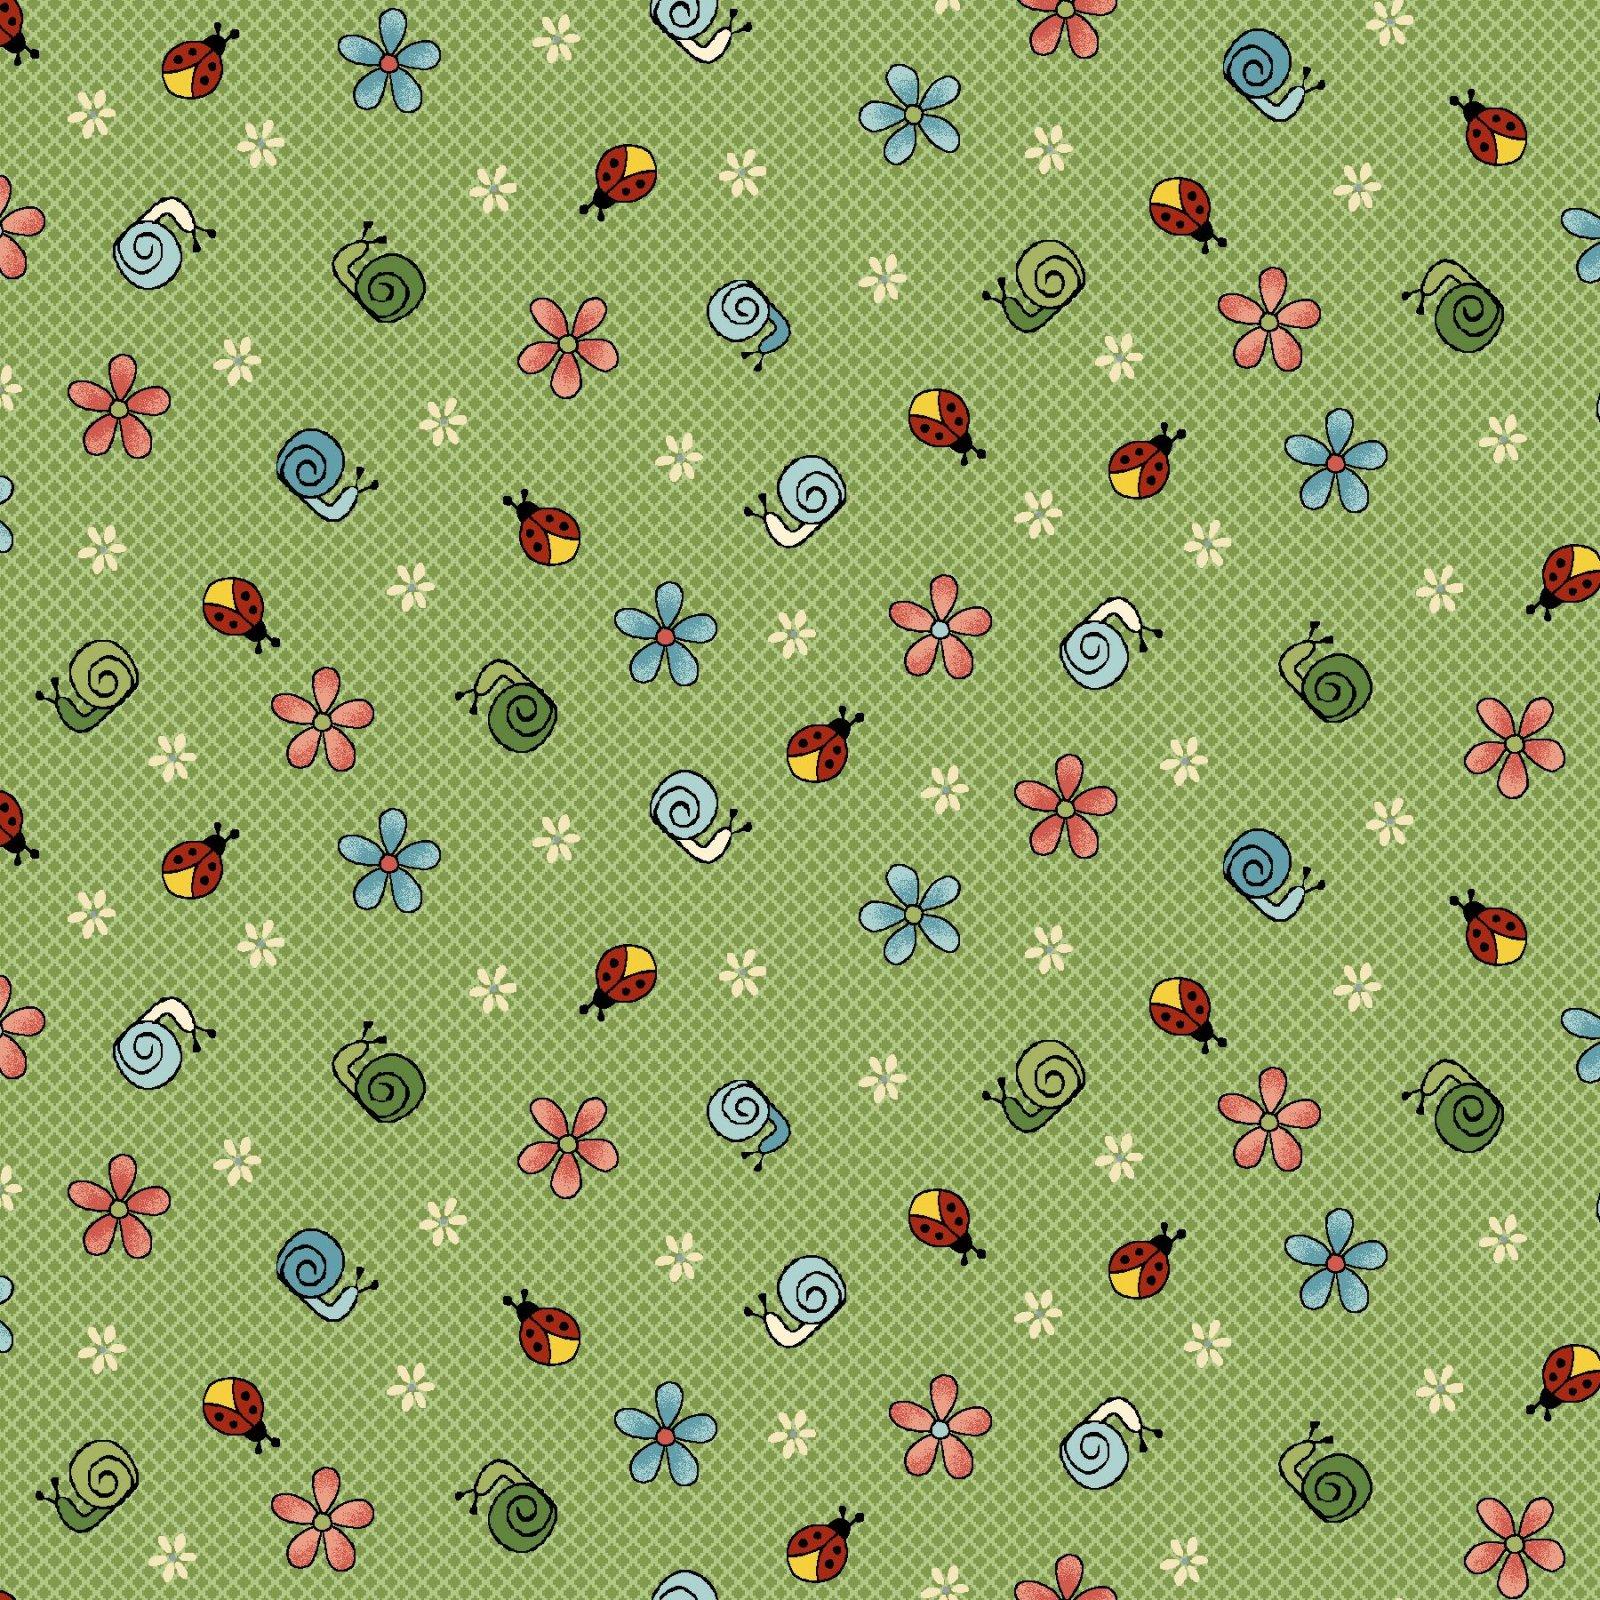 Green - Snails